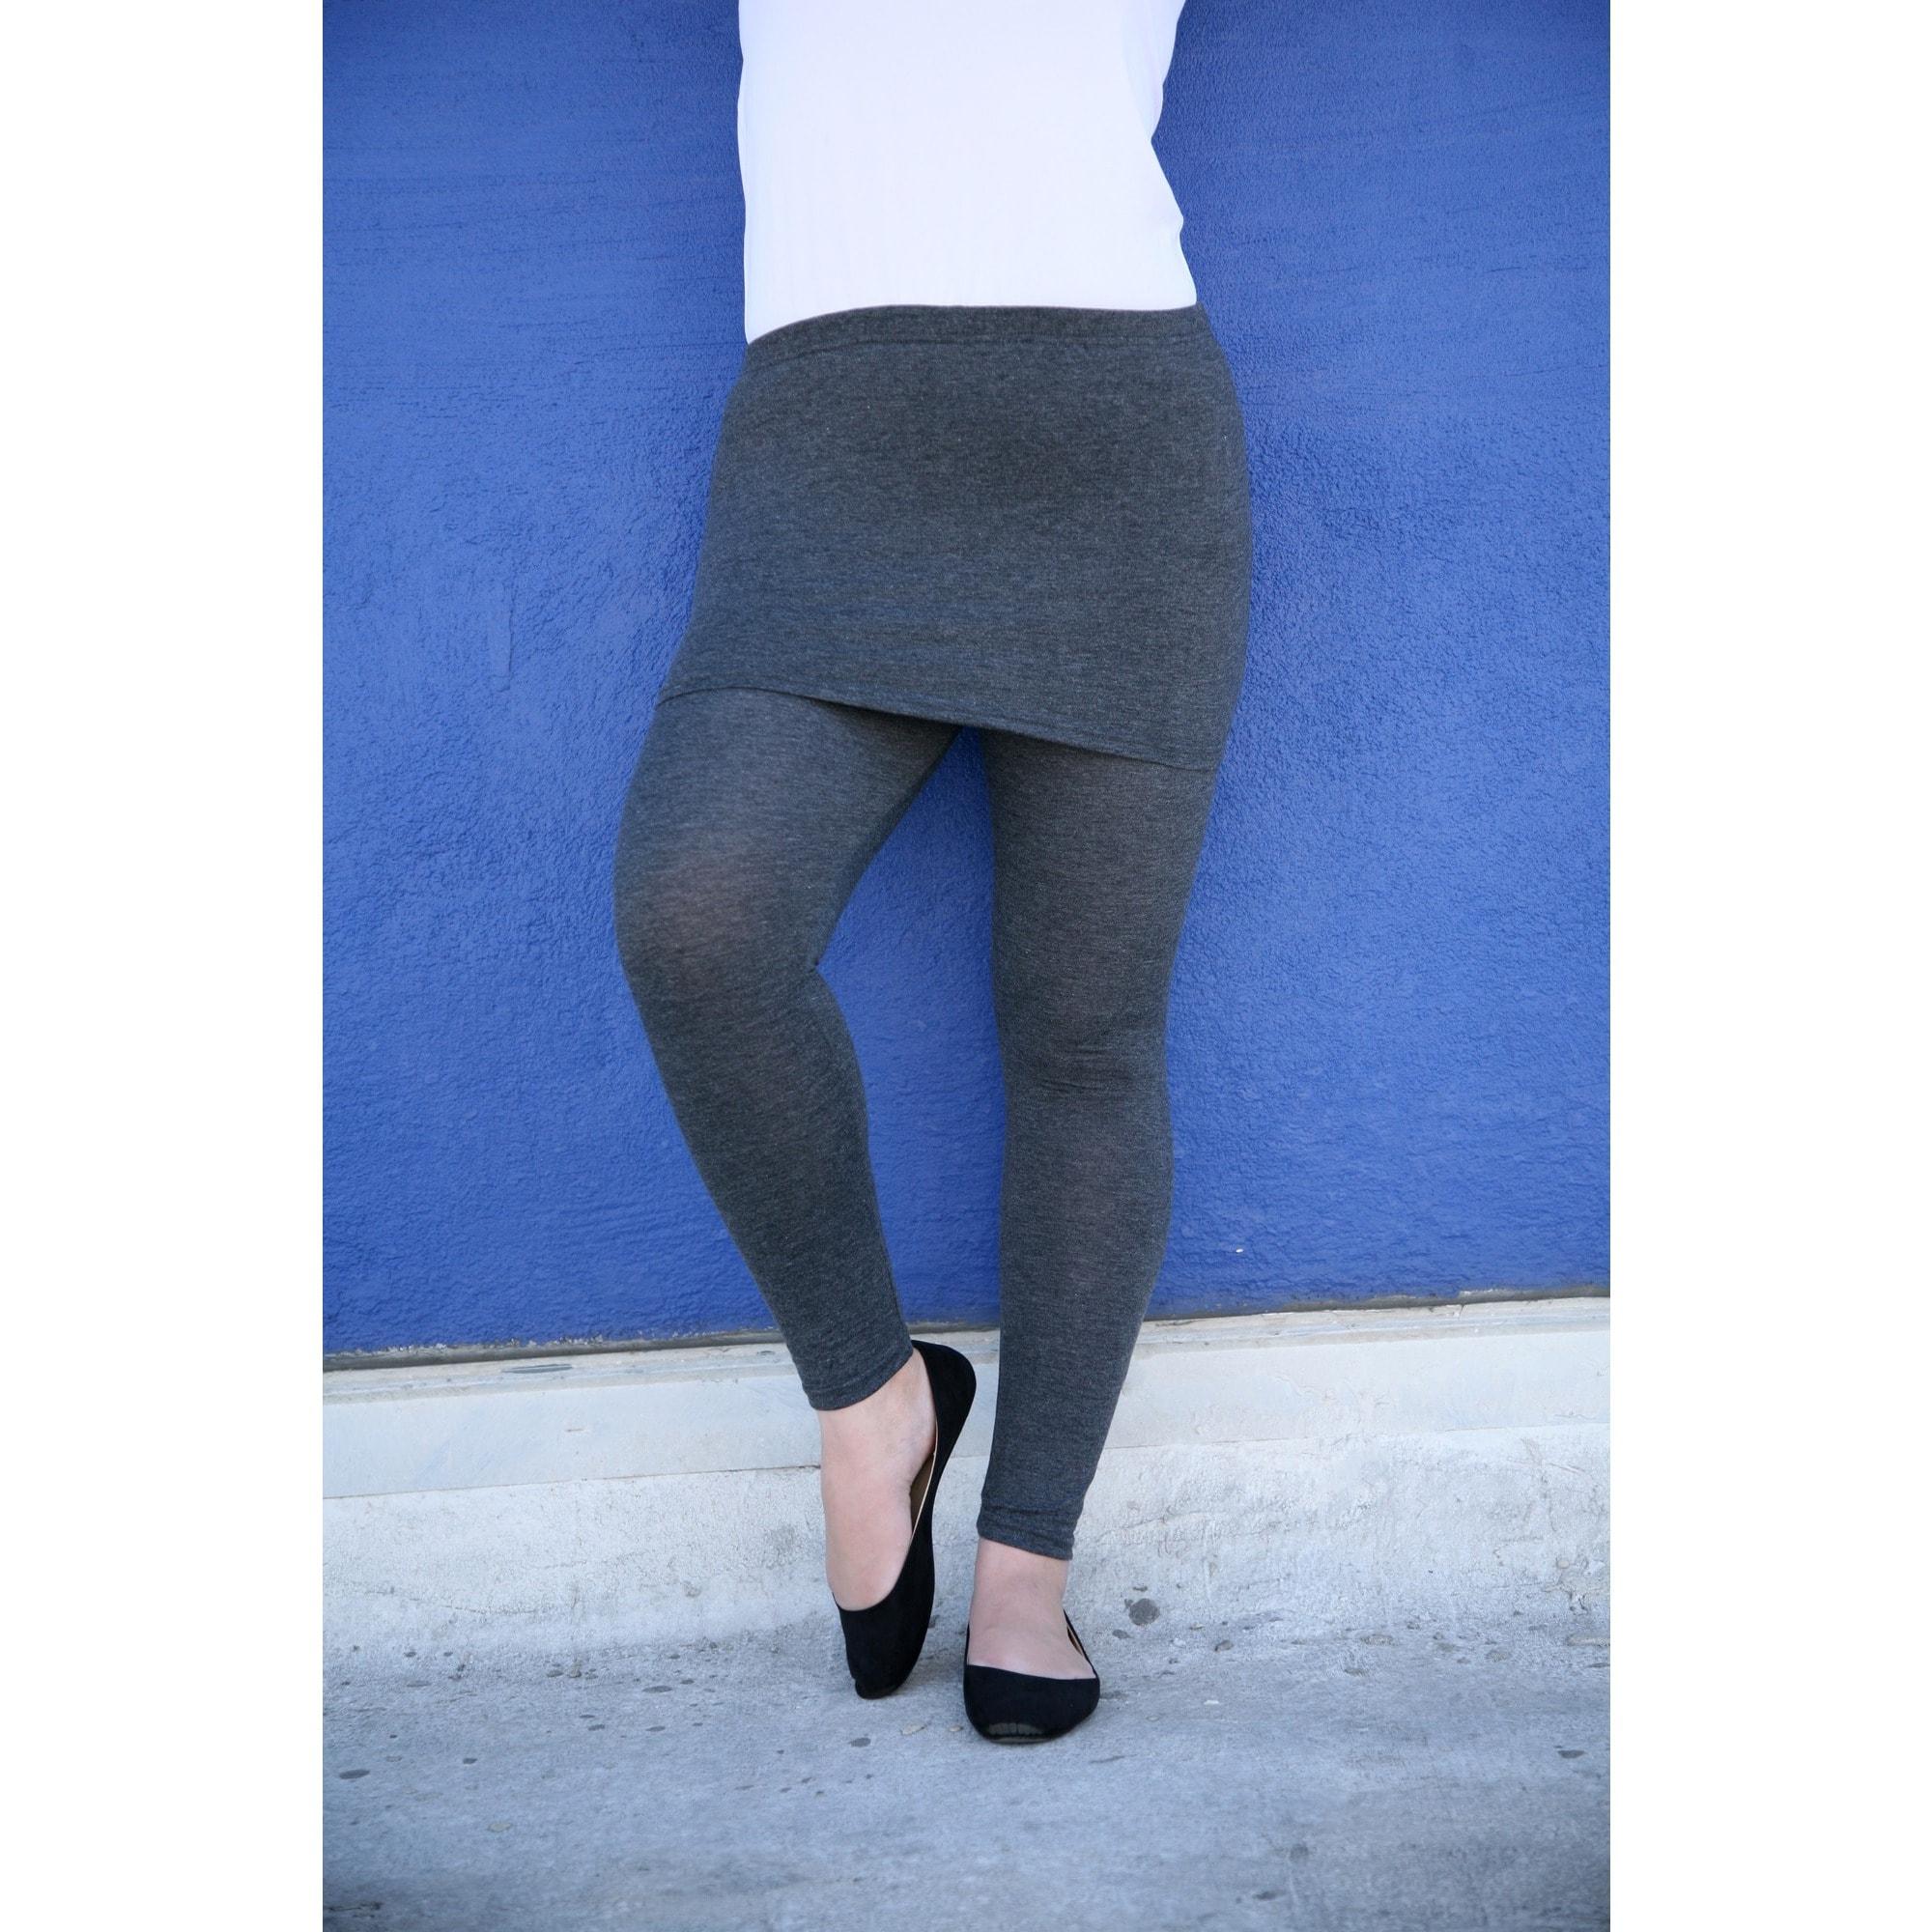 24b5fbde9f9 Shop White Mark Women s Plus Size Skirted Leggings - Free Shipping On  Orders Over  45 - Overstock - 10634821